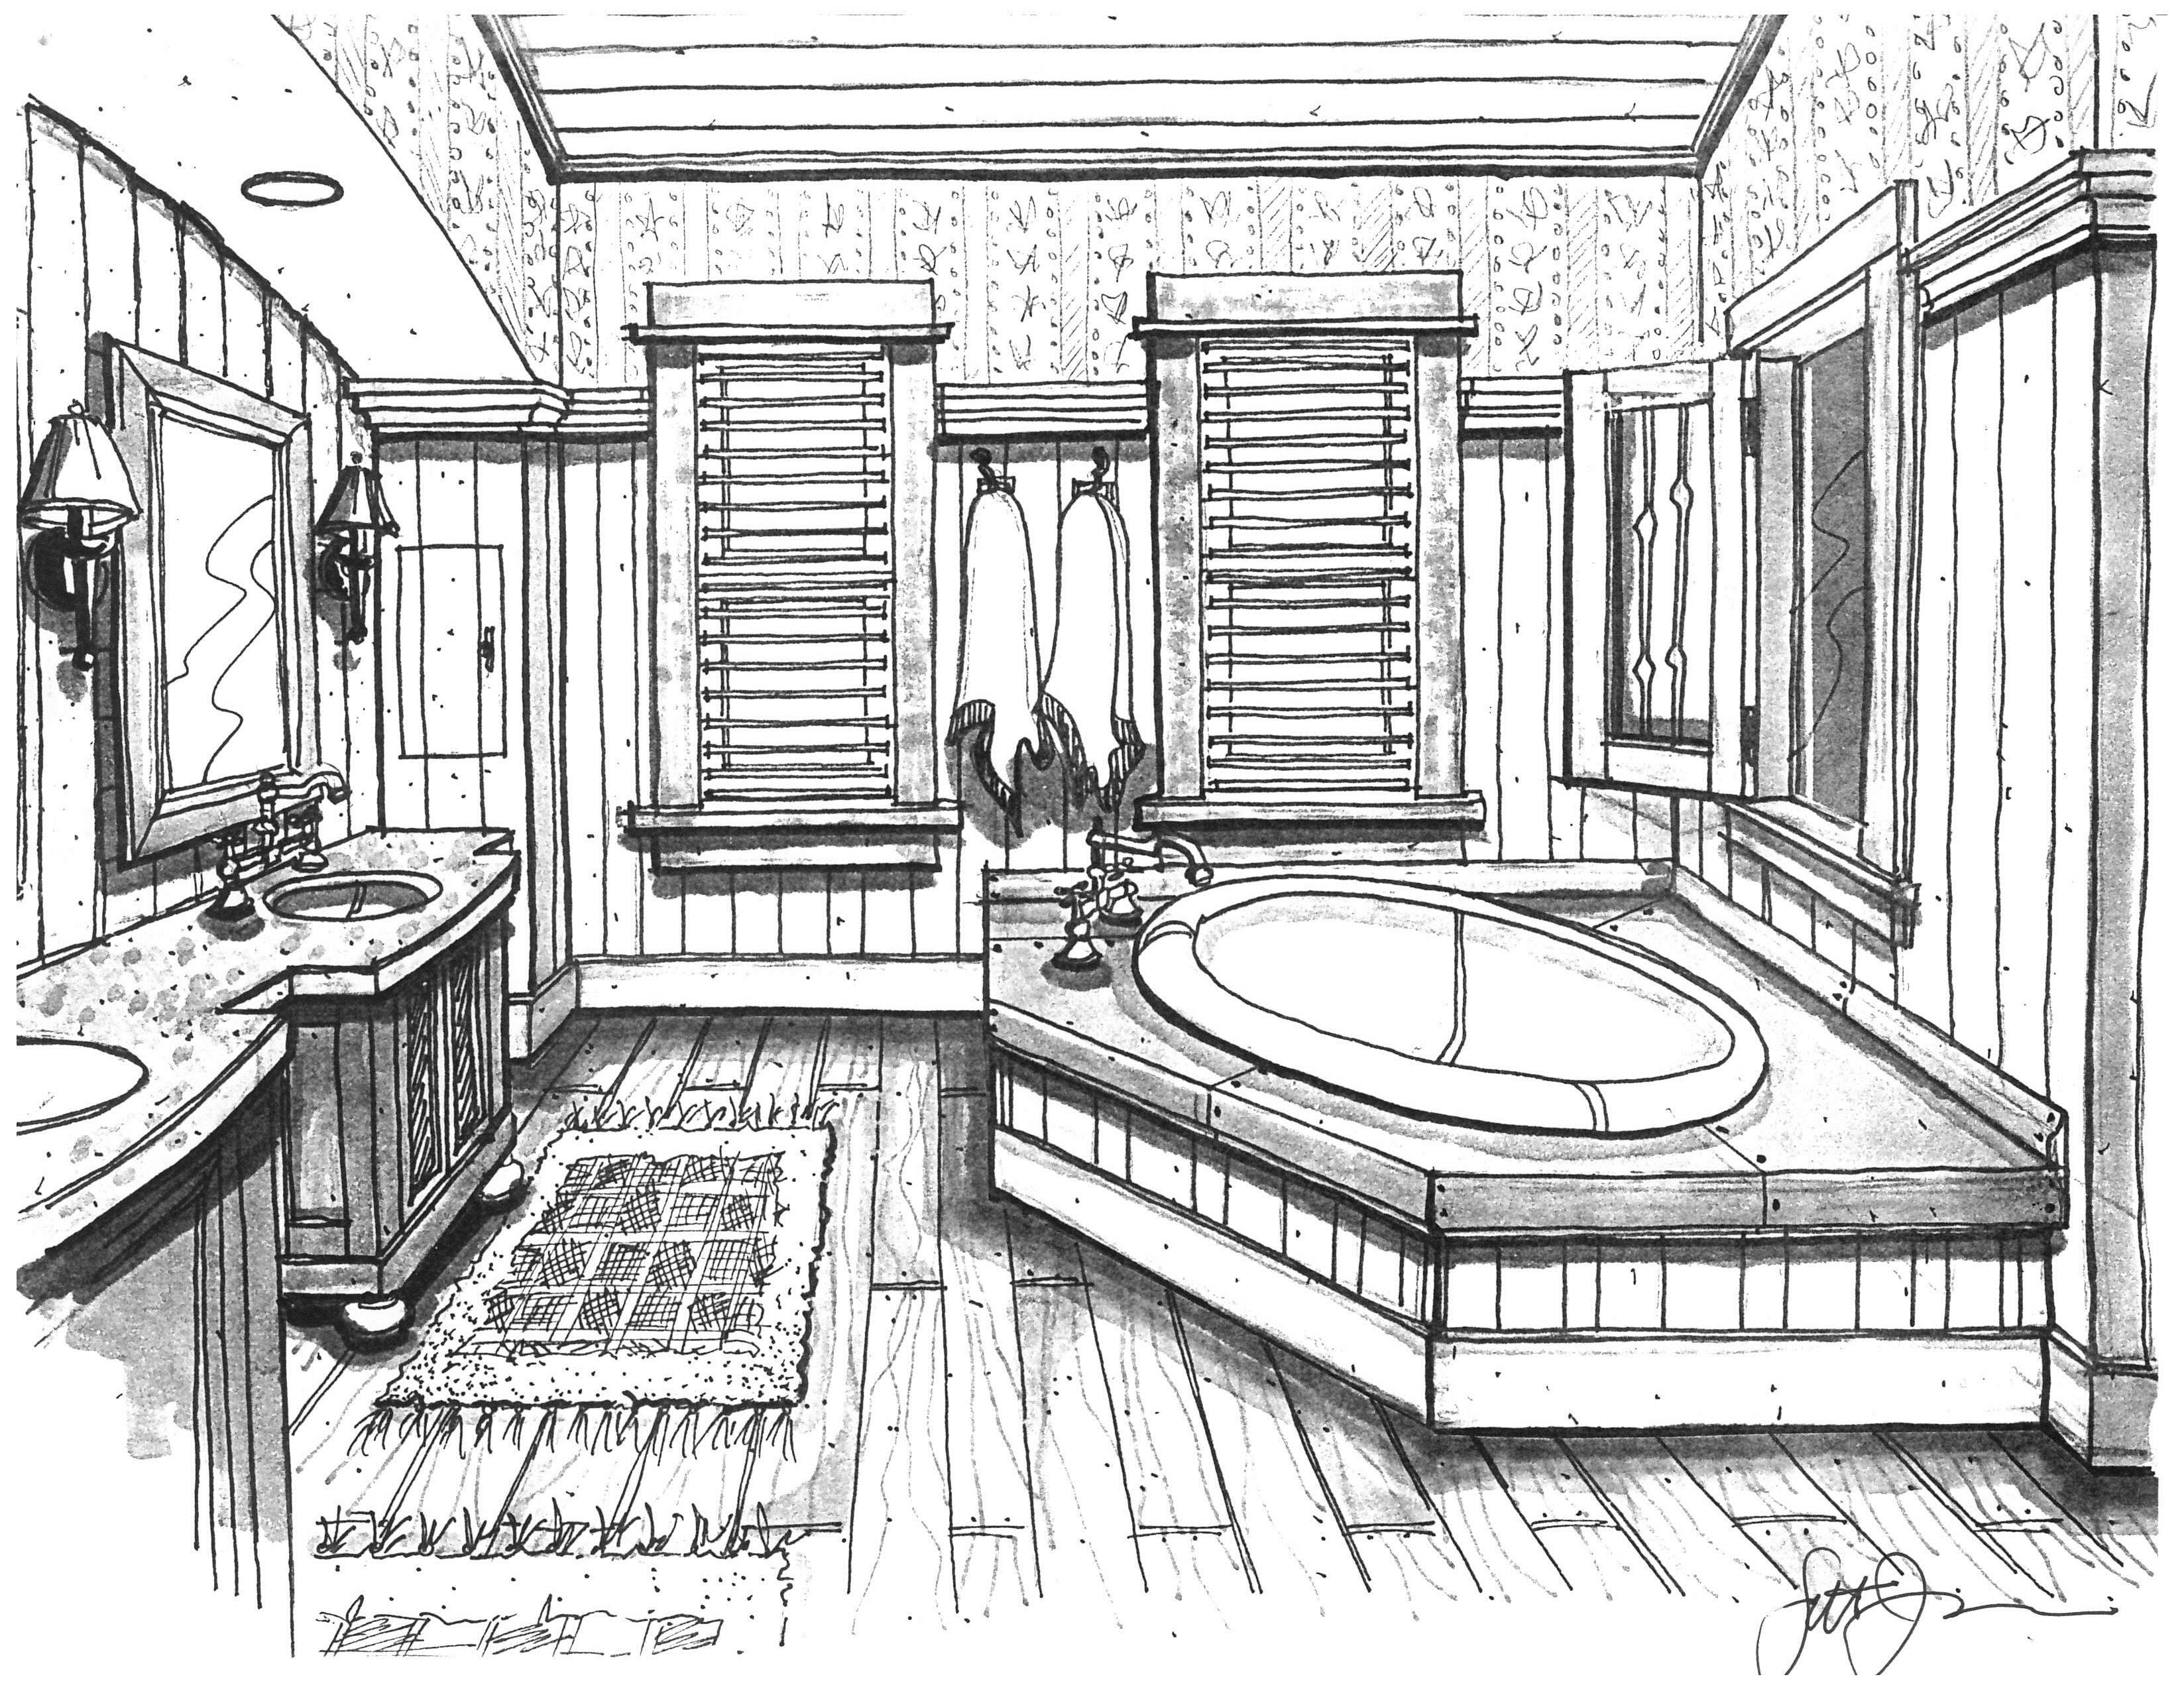 Bathroom Design Bathroom Ideas Interior Design Drawing Perspective Drawing Sketch Interior Design Drawings Perspective Drawing Interior Design Sketches